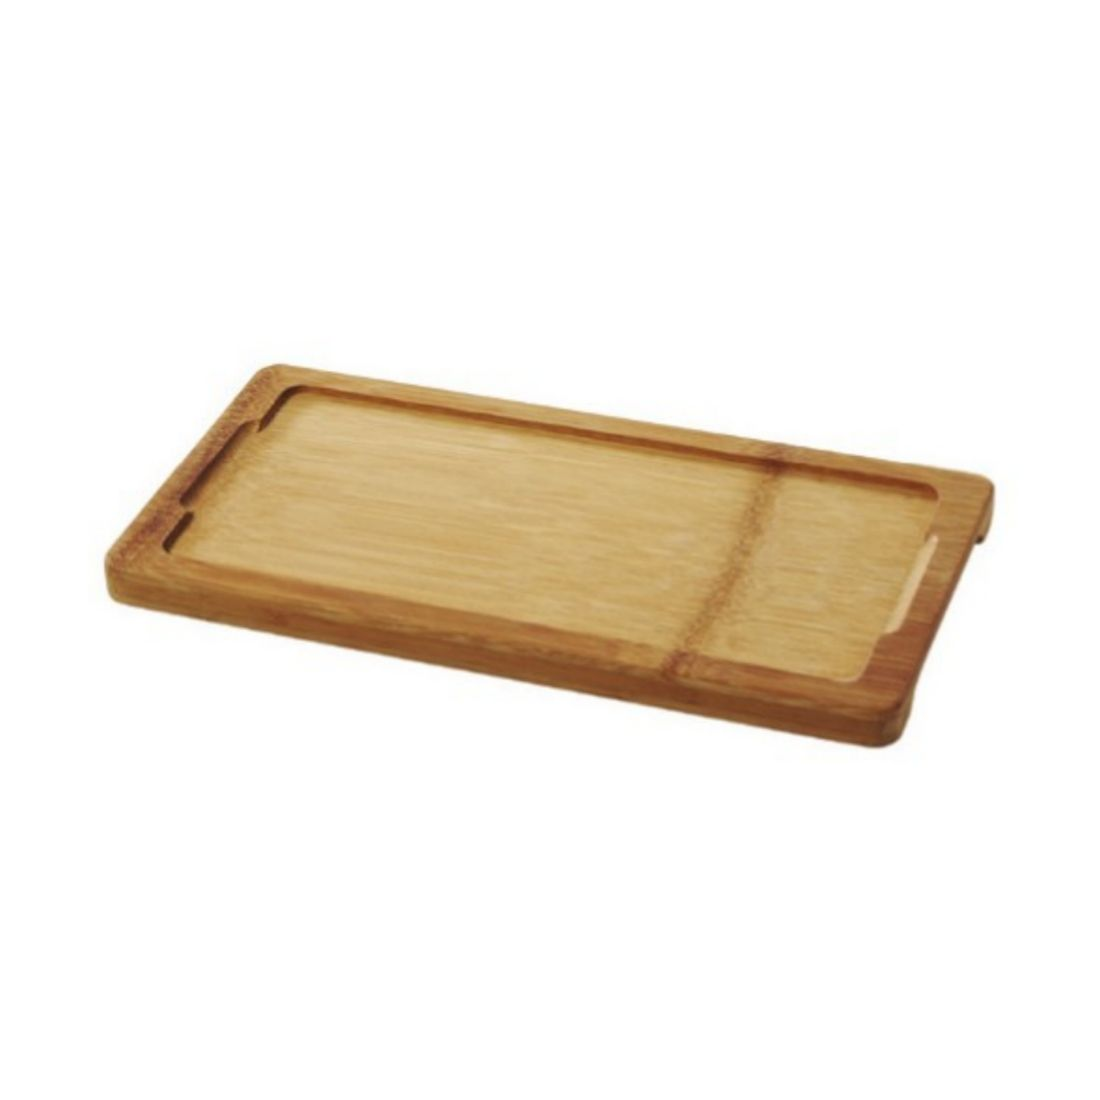 Bambus Servírovací talíř pro Basalt 28,5x15cm